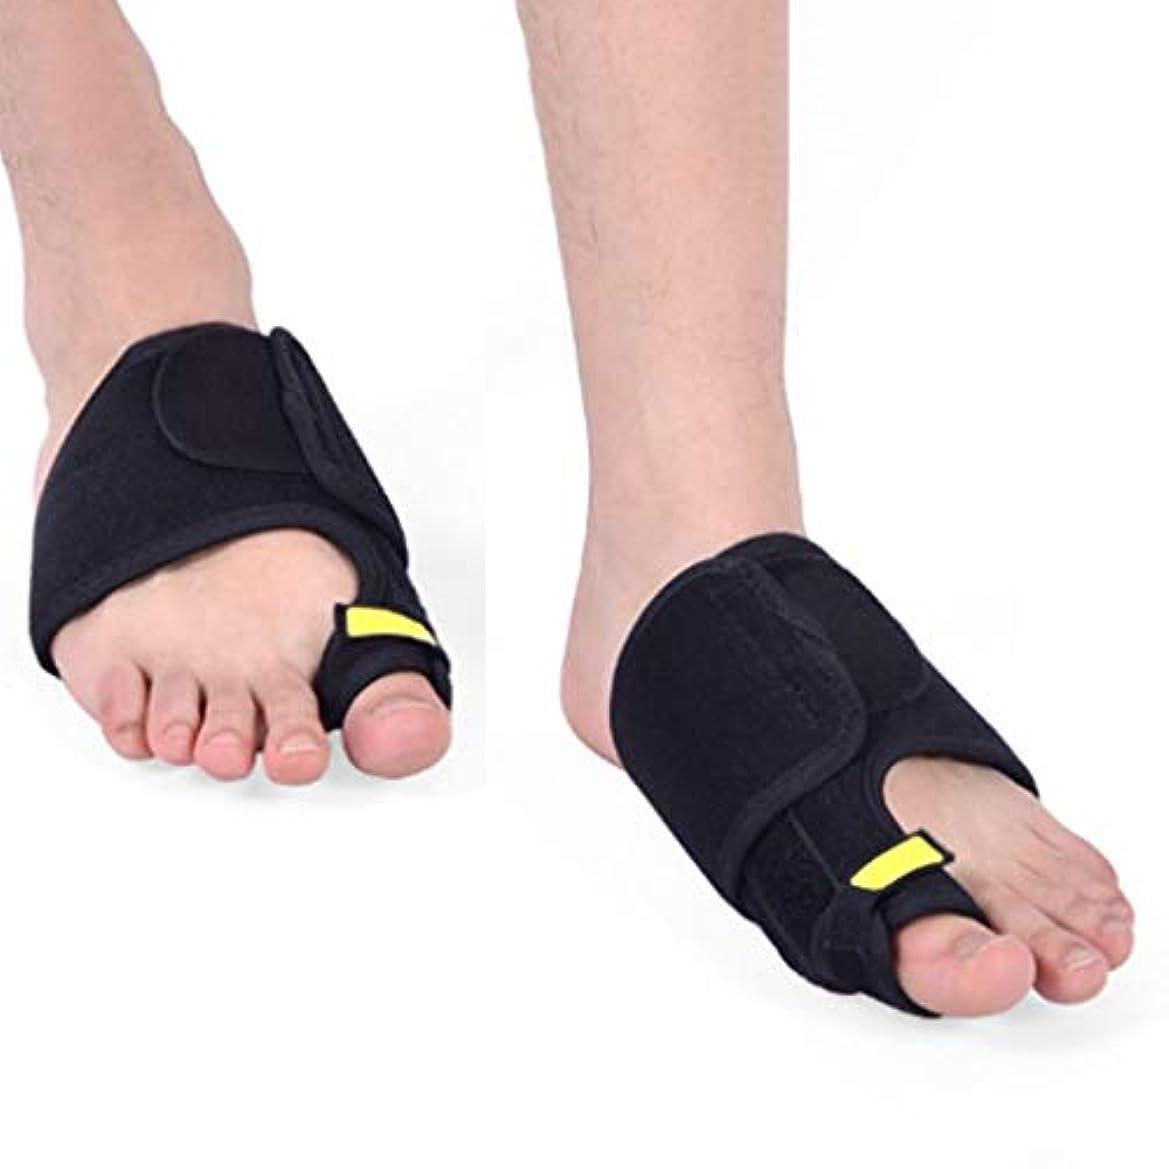 悪いネズミ労苦外反母趾の補正は、足の親指の外反母趾補正は、との完全な夜で外反母趾補正を恐喝されます